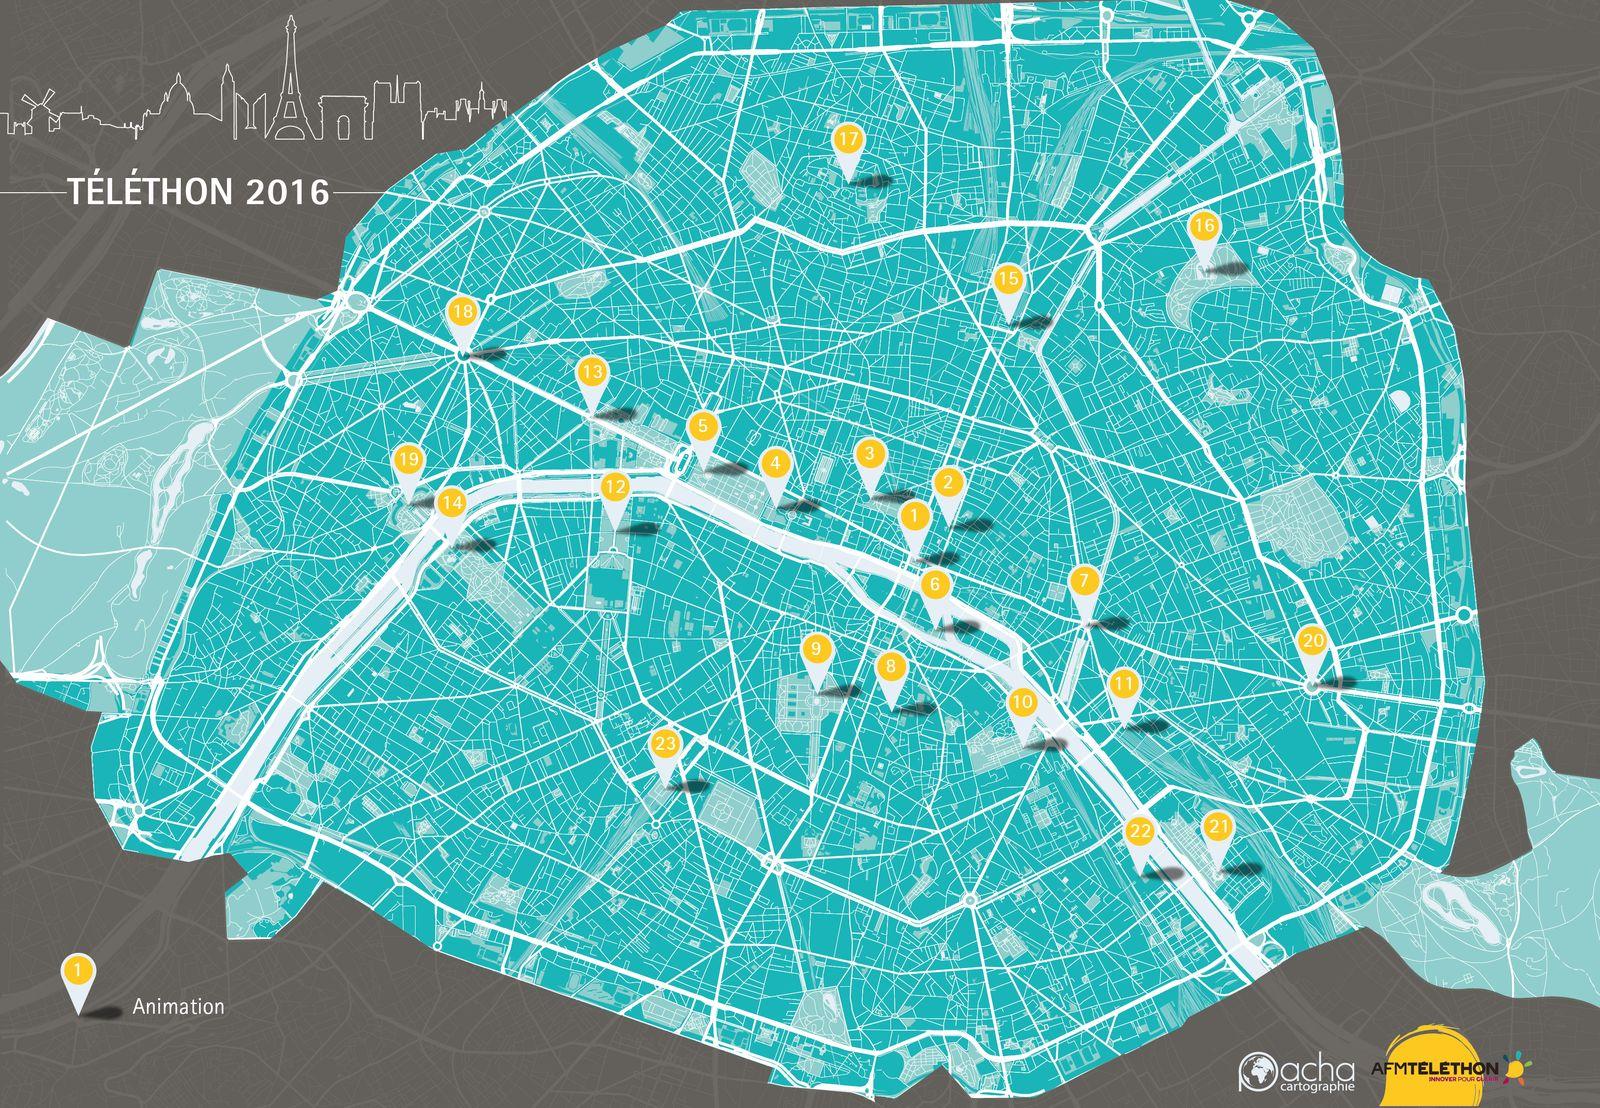 Carte Paris Téléthon 2016 - Guillaume Sciaux - Cartographe professionnel